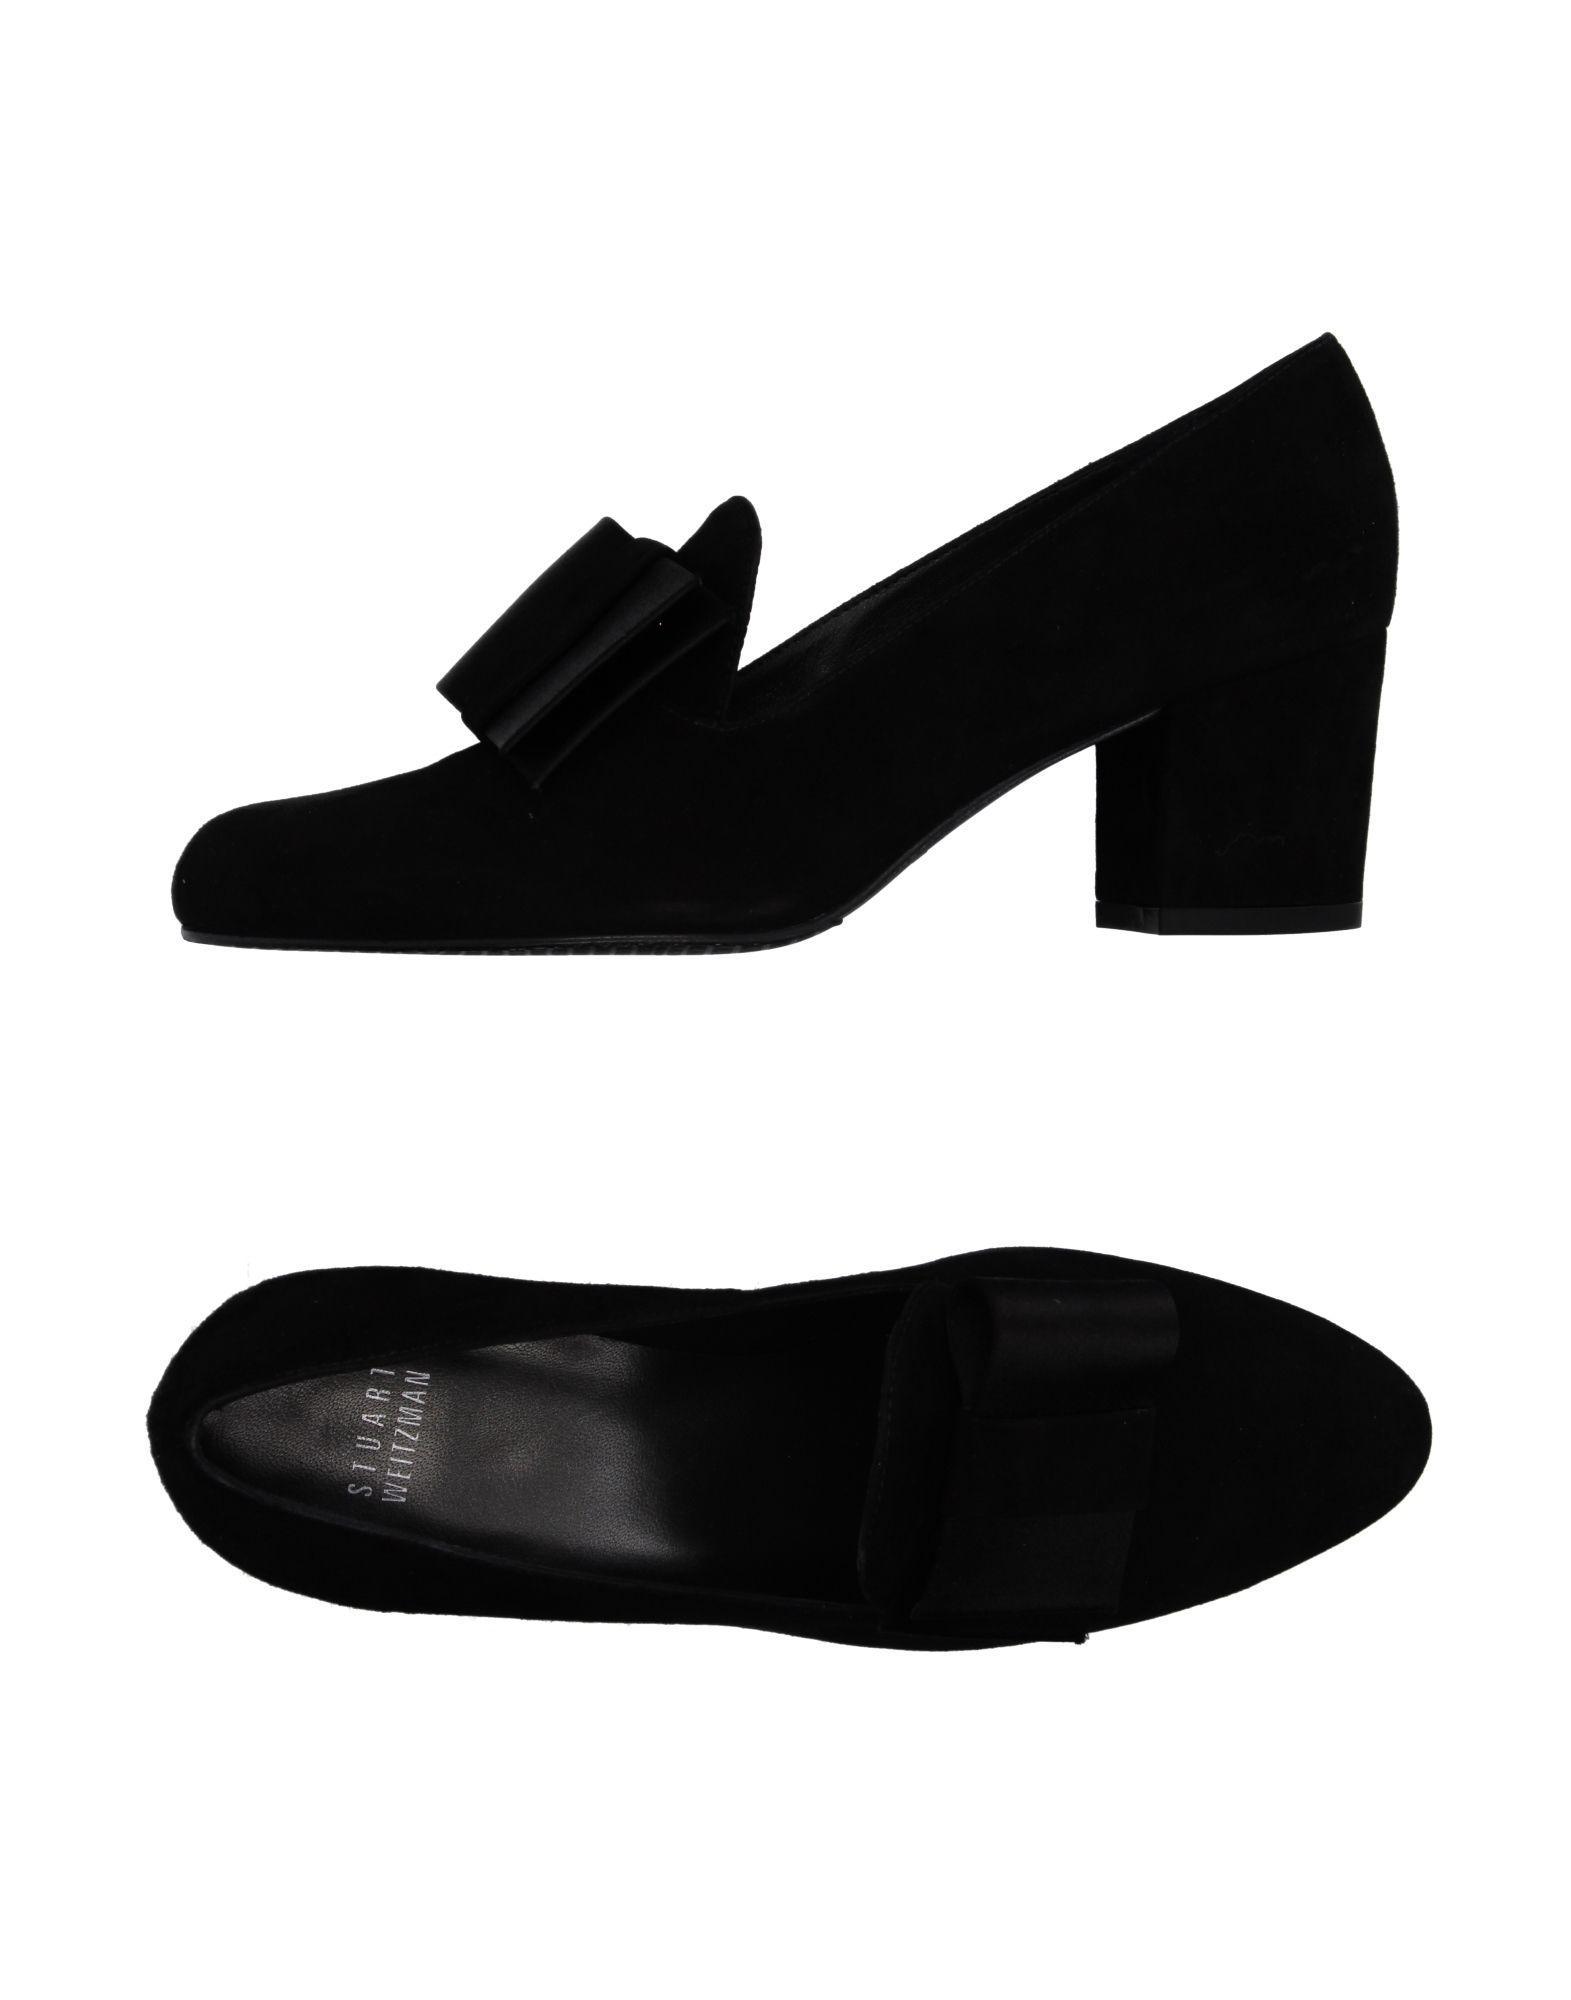 Stuart Weitzman Bridal Shoes Uk